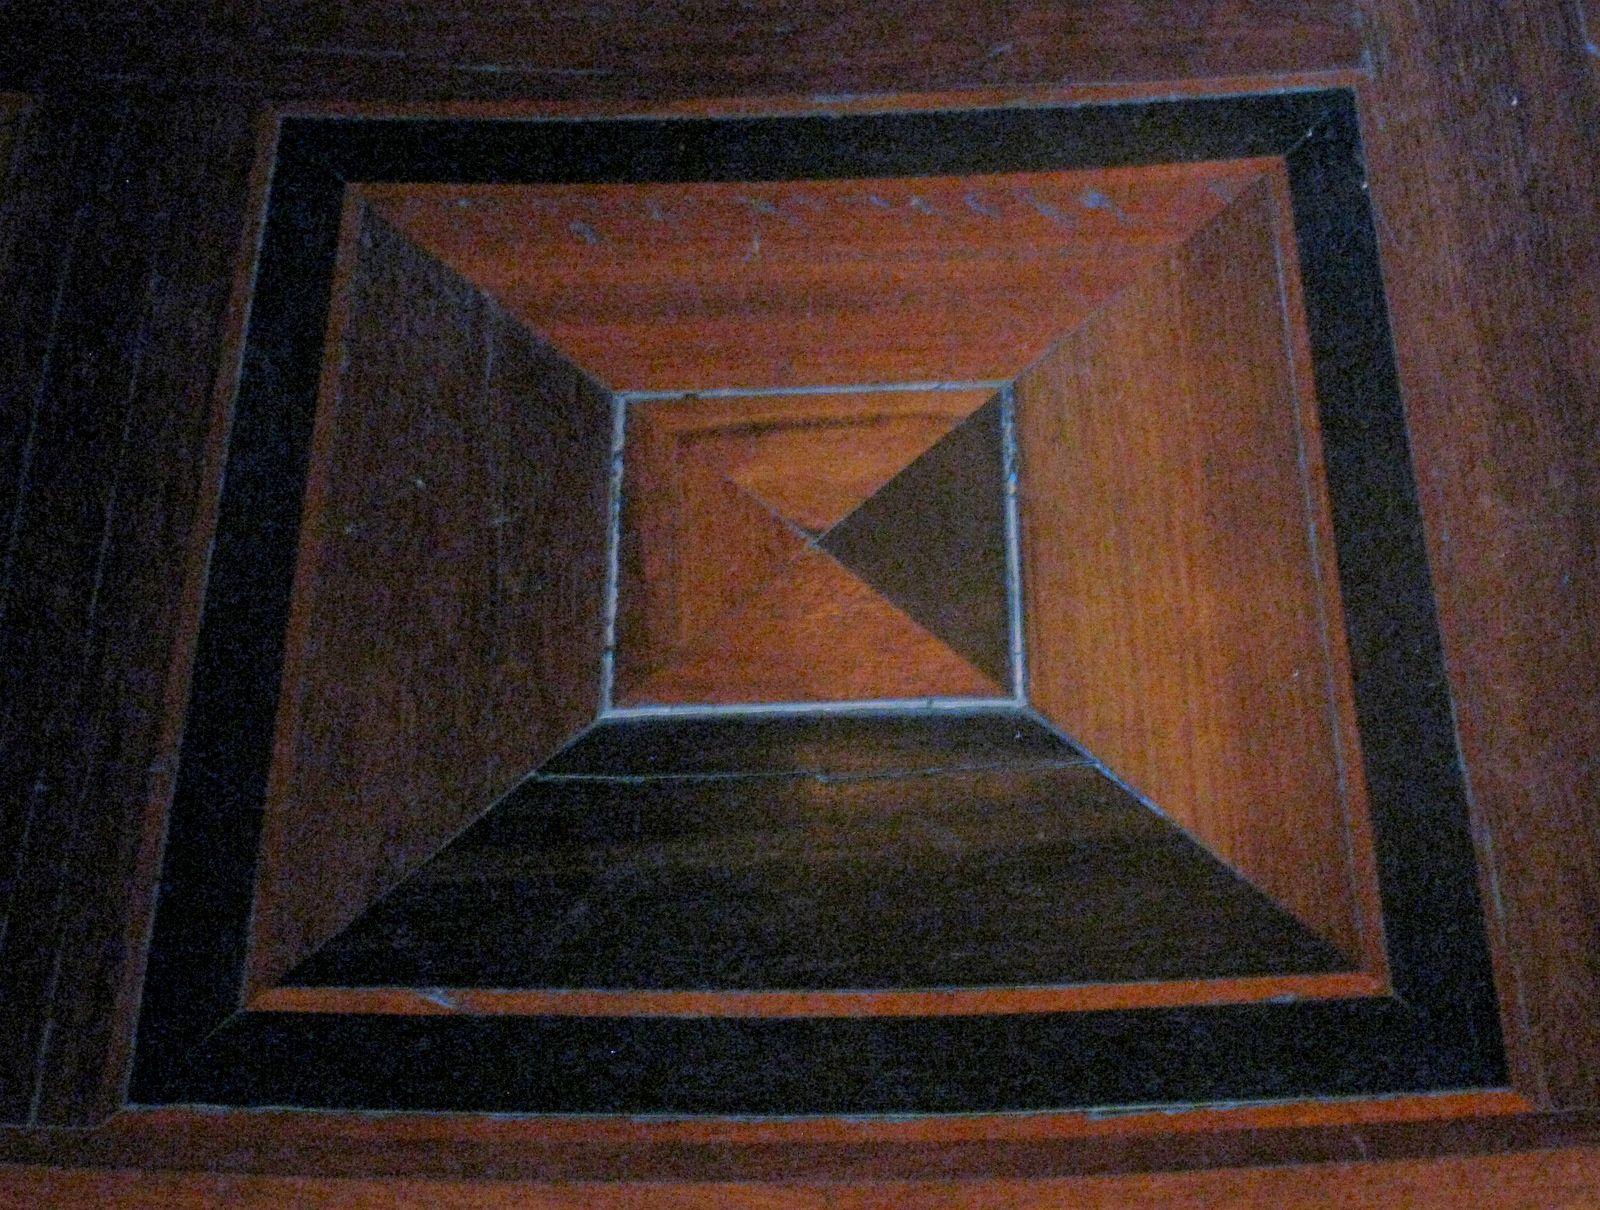 Le cabinet aux Miroirs, château de Maisons-Laffitte